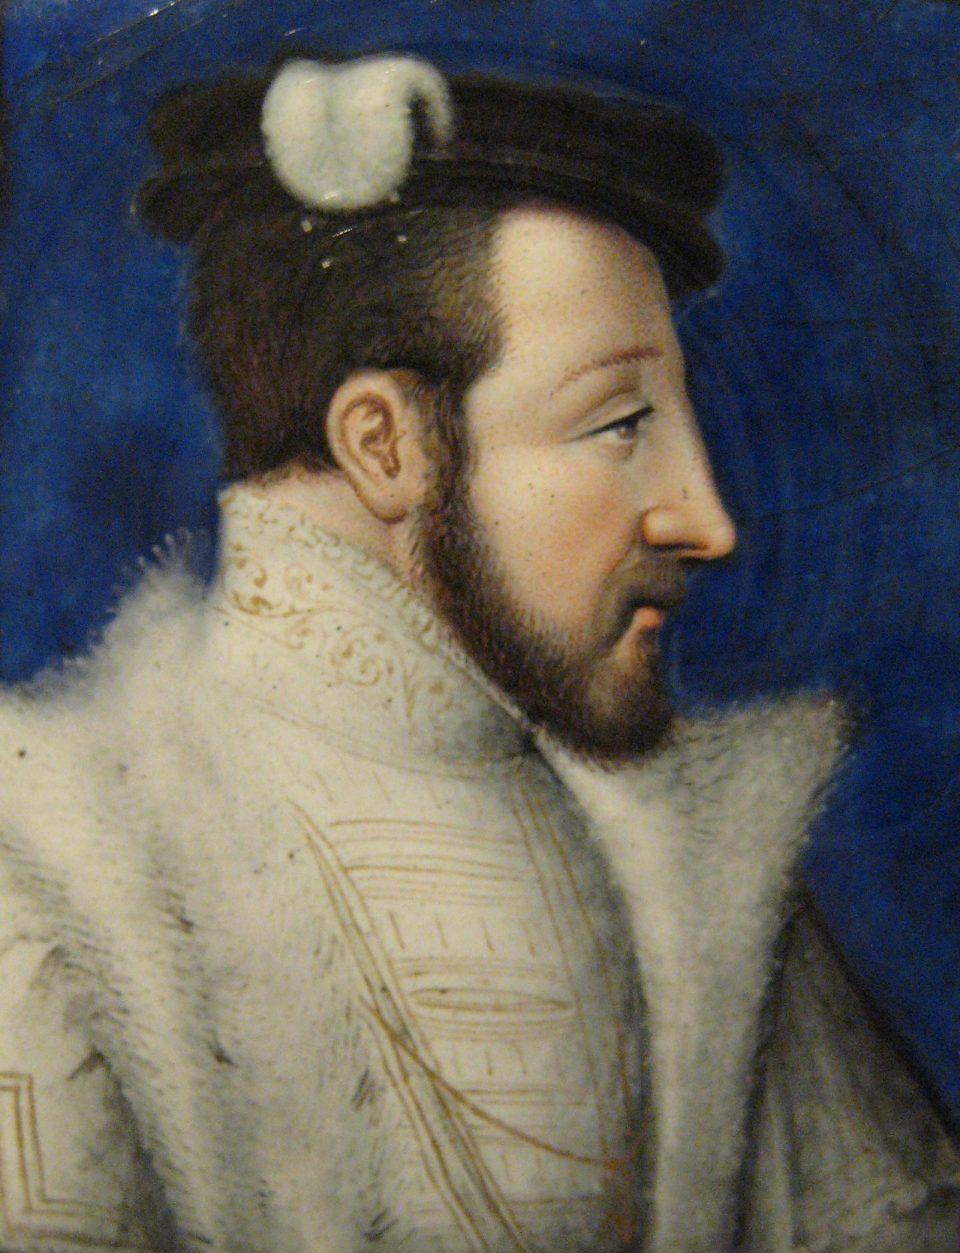 глупые вещи. Генрих II Валуа